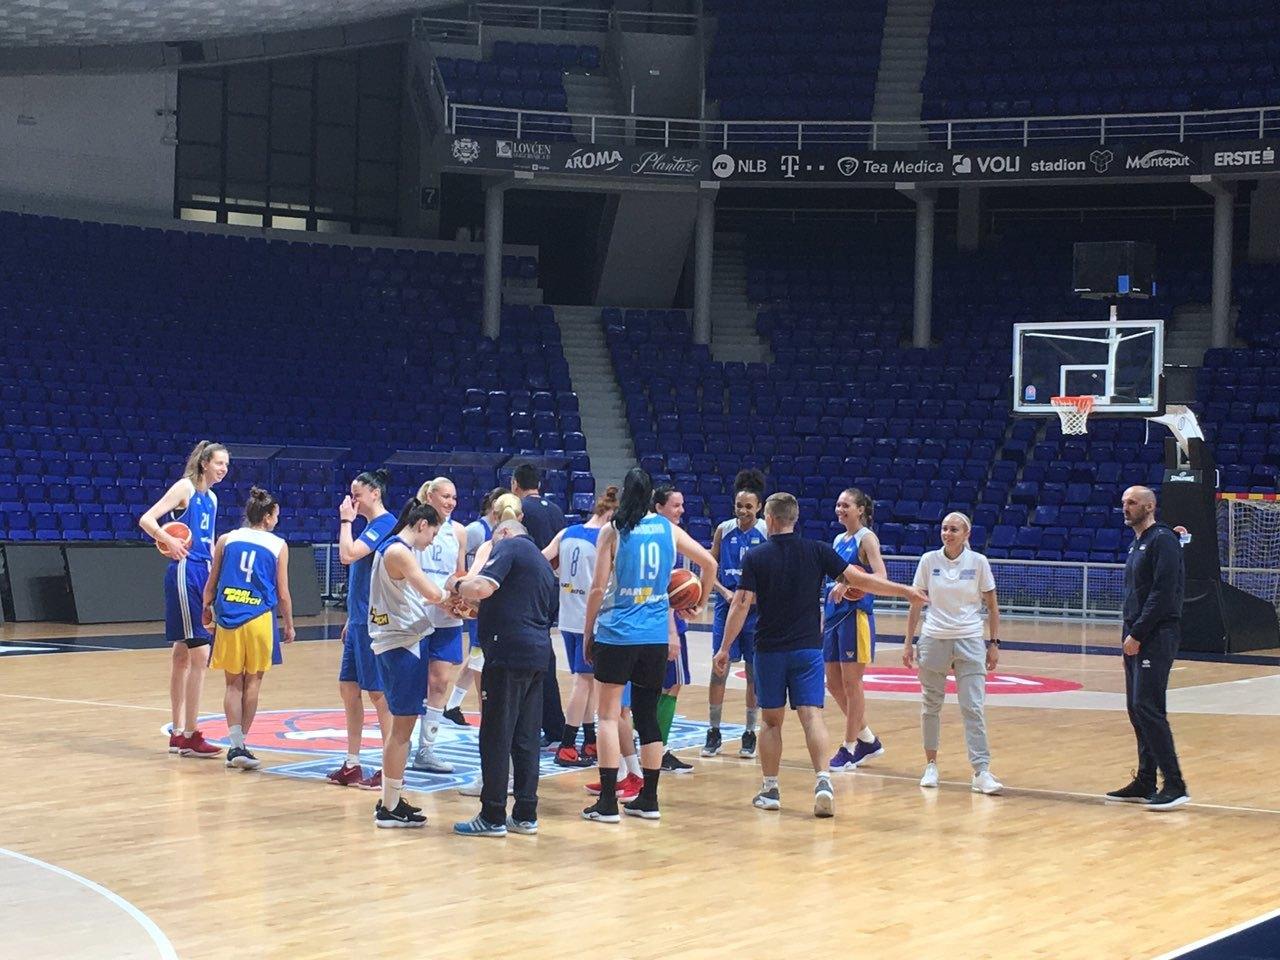 Збірна України проведе перший контрольний матч перед чемпіонатом Європи